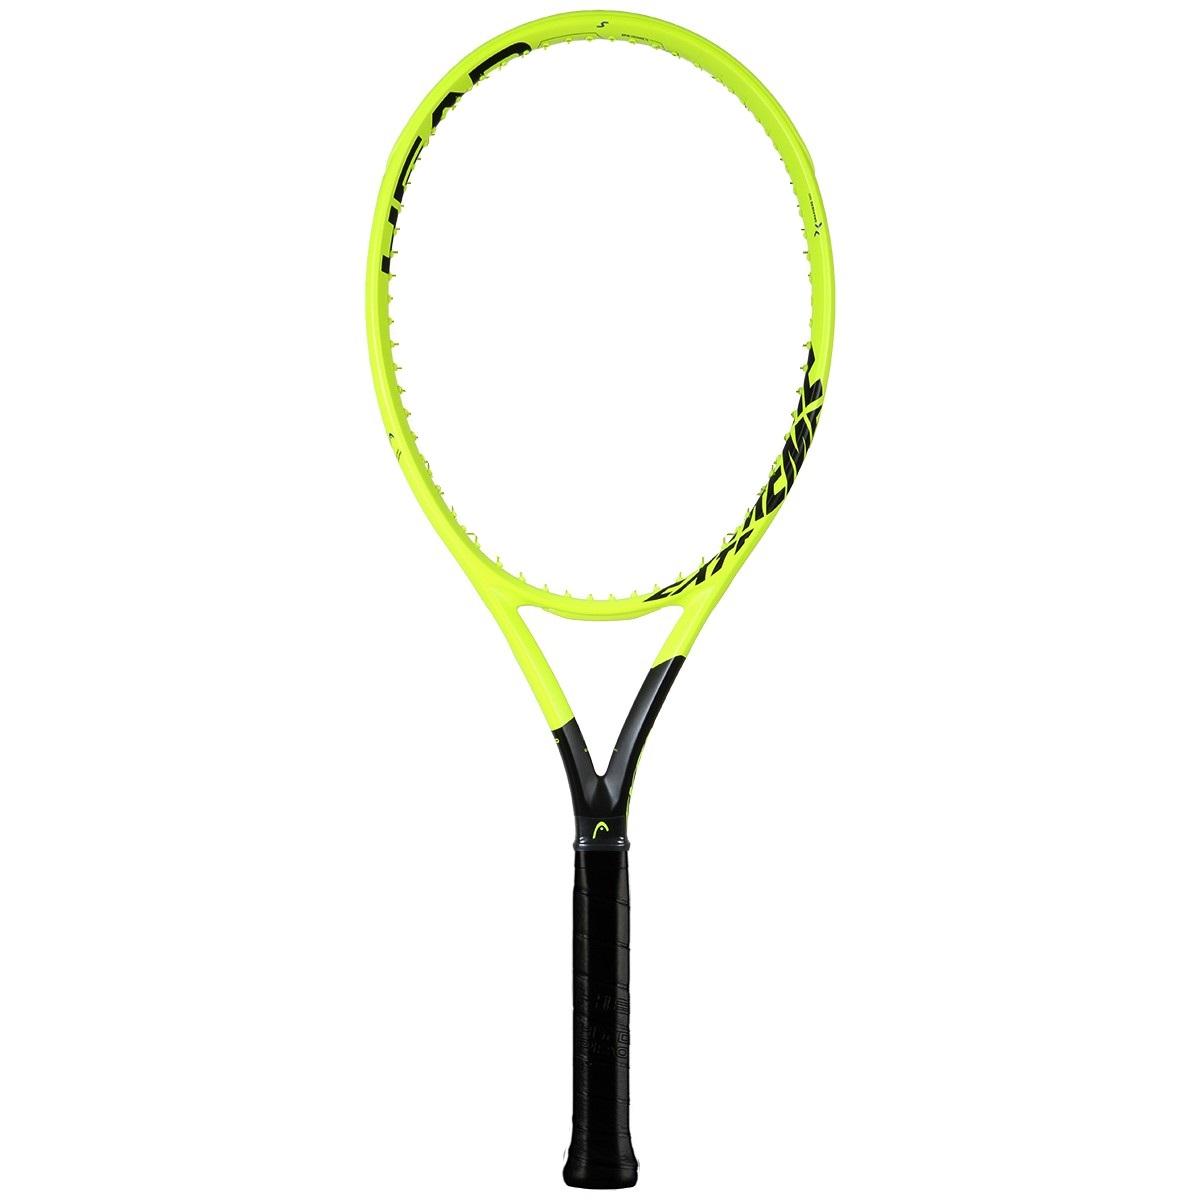 2019年Newモデル!ヘッド グラフィン 360 エクストリーム PRO HEAD GRAPHENE 360 EXTREME テニスラケット